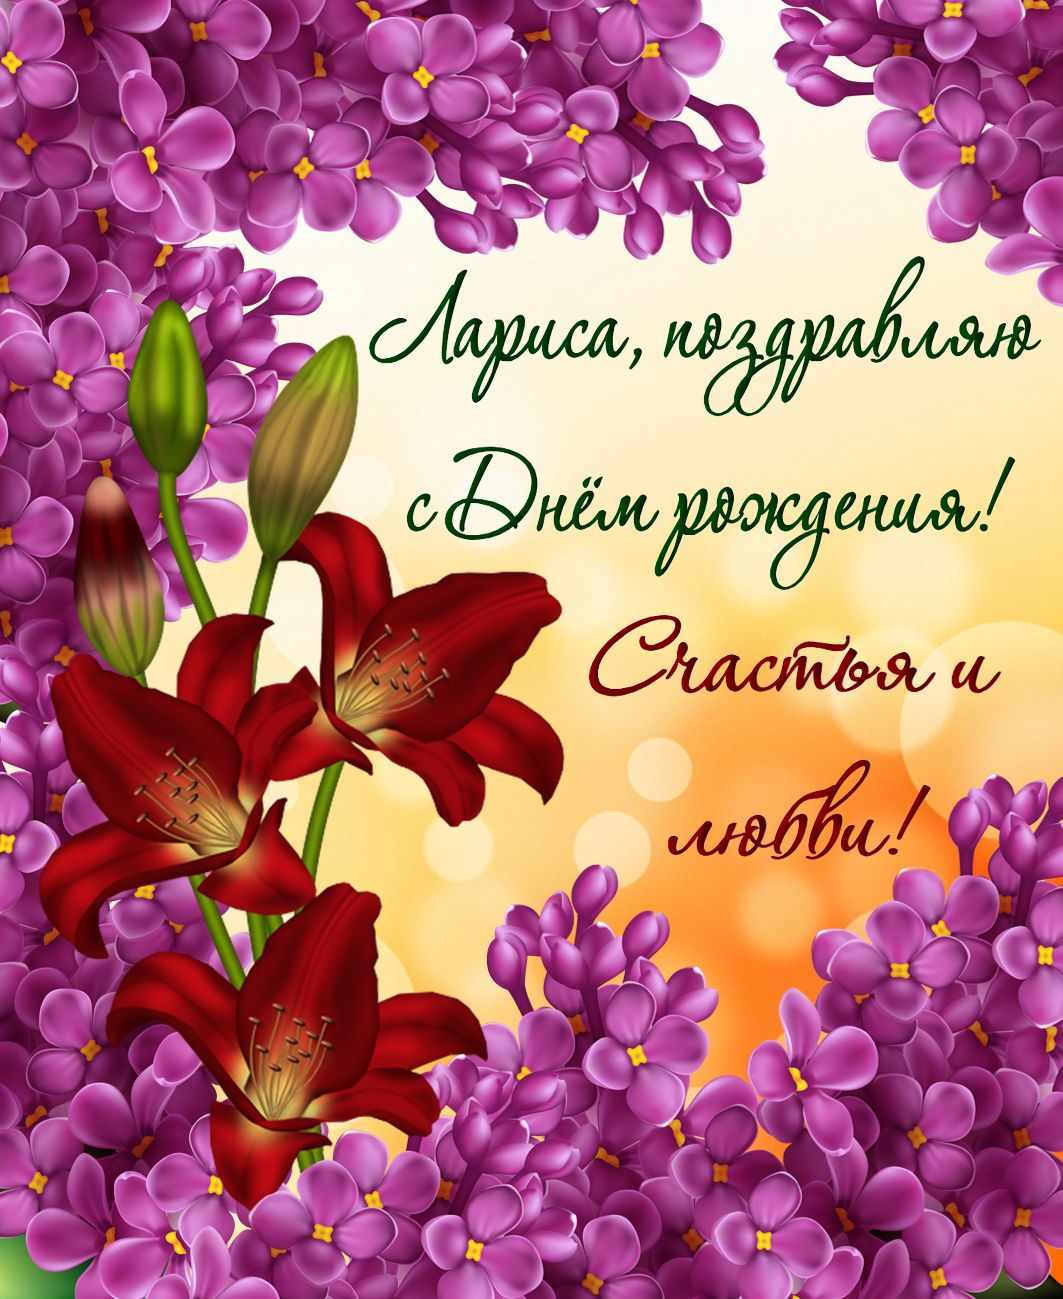 открытка на День рождения Ларисе - поздравление в оформлении из цветов